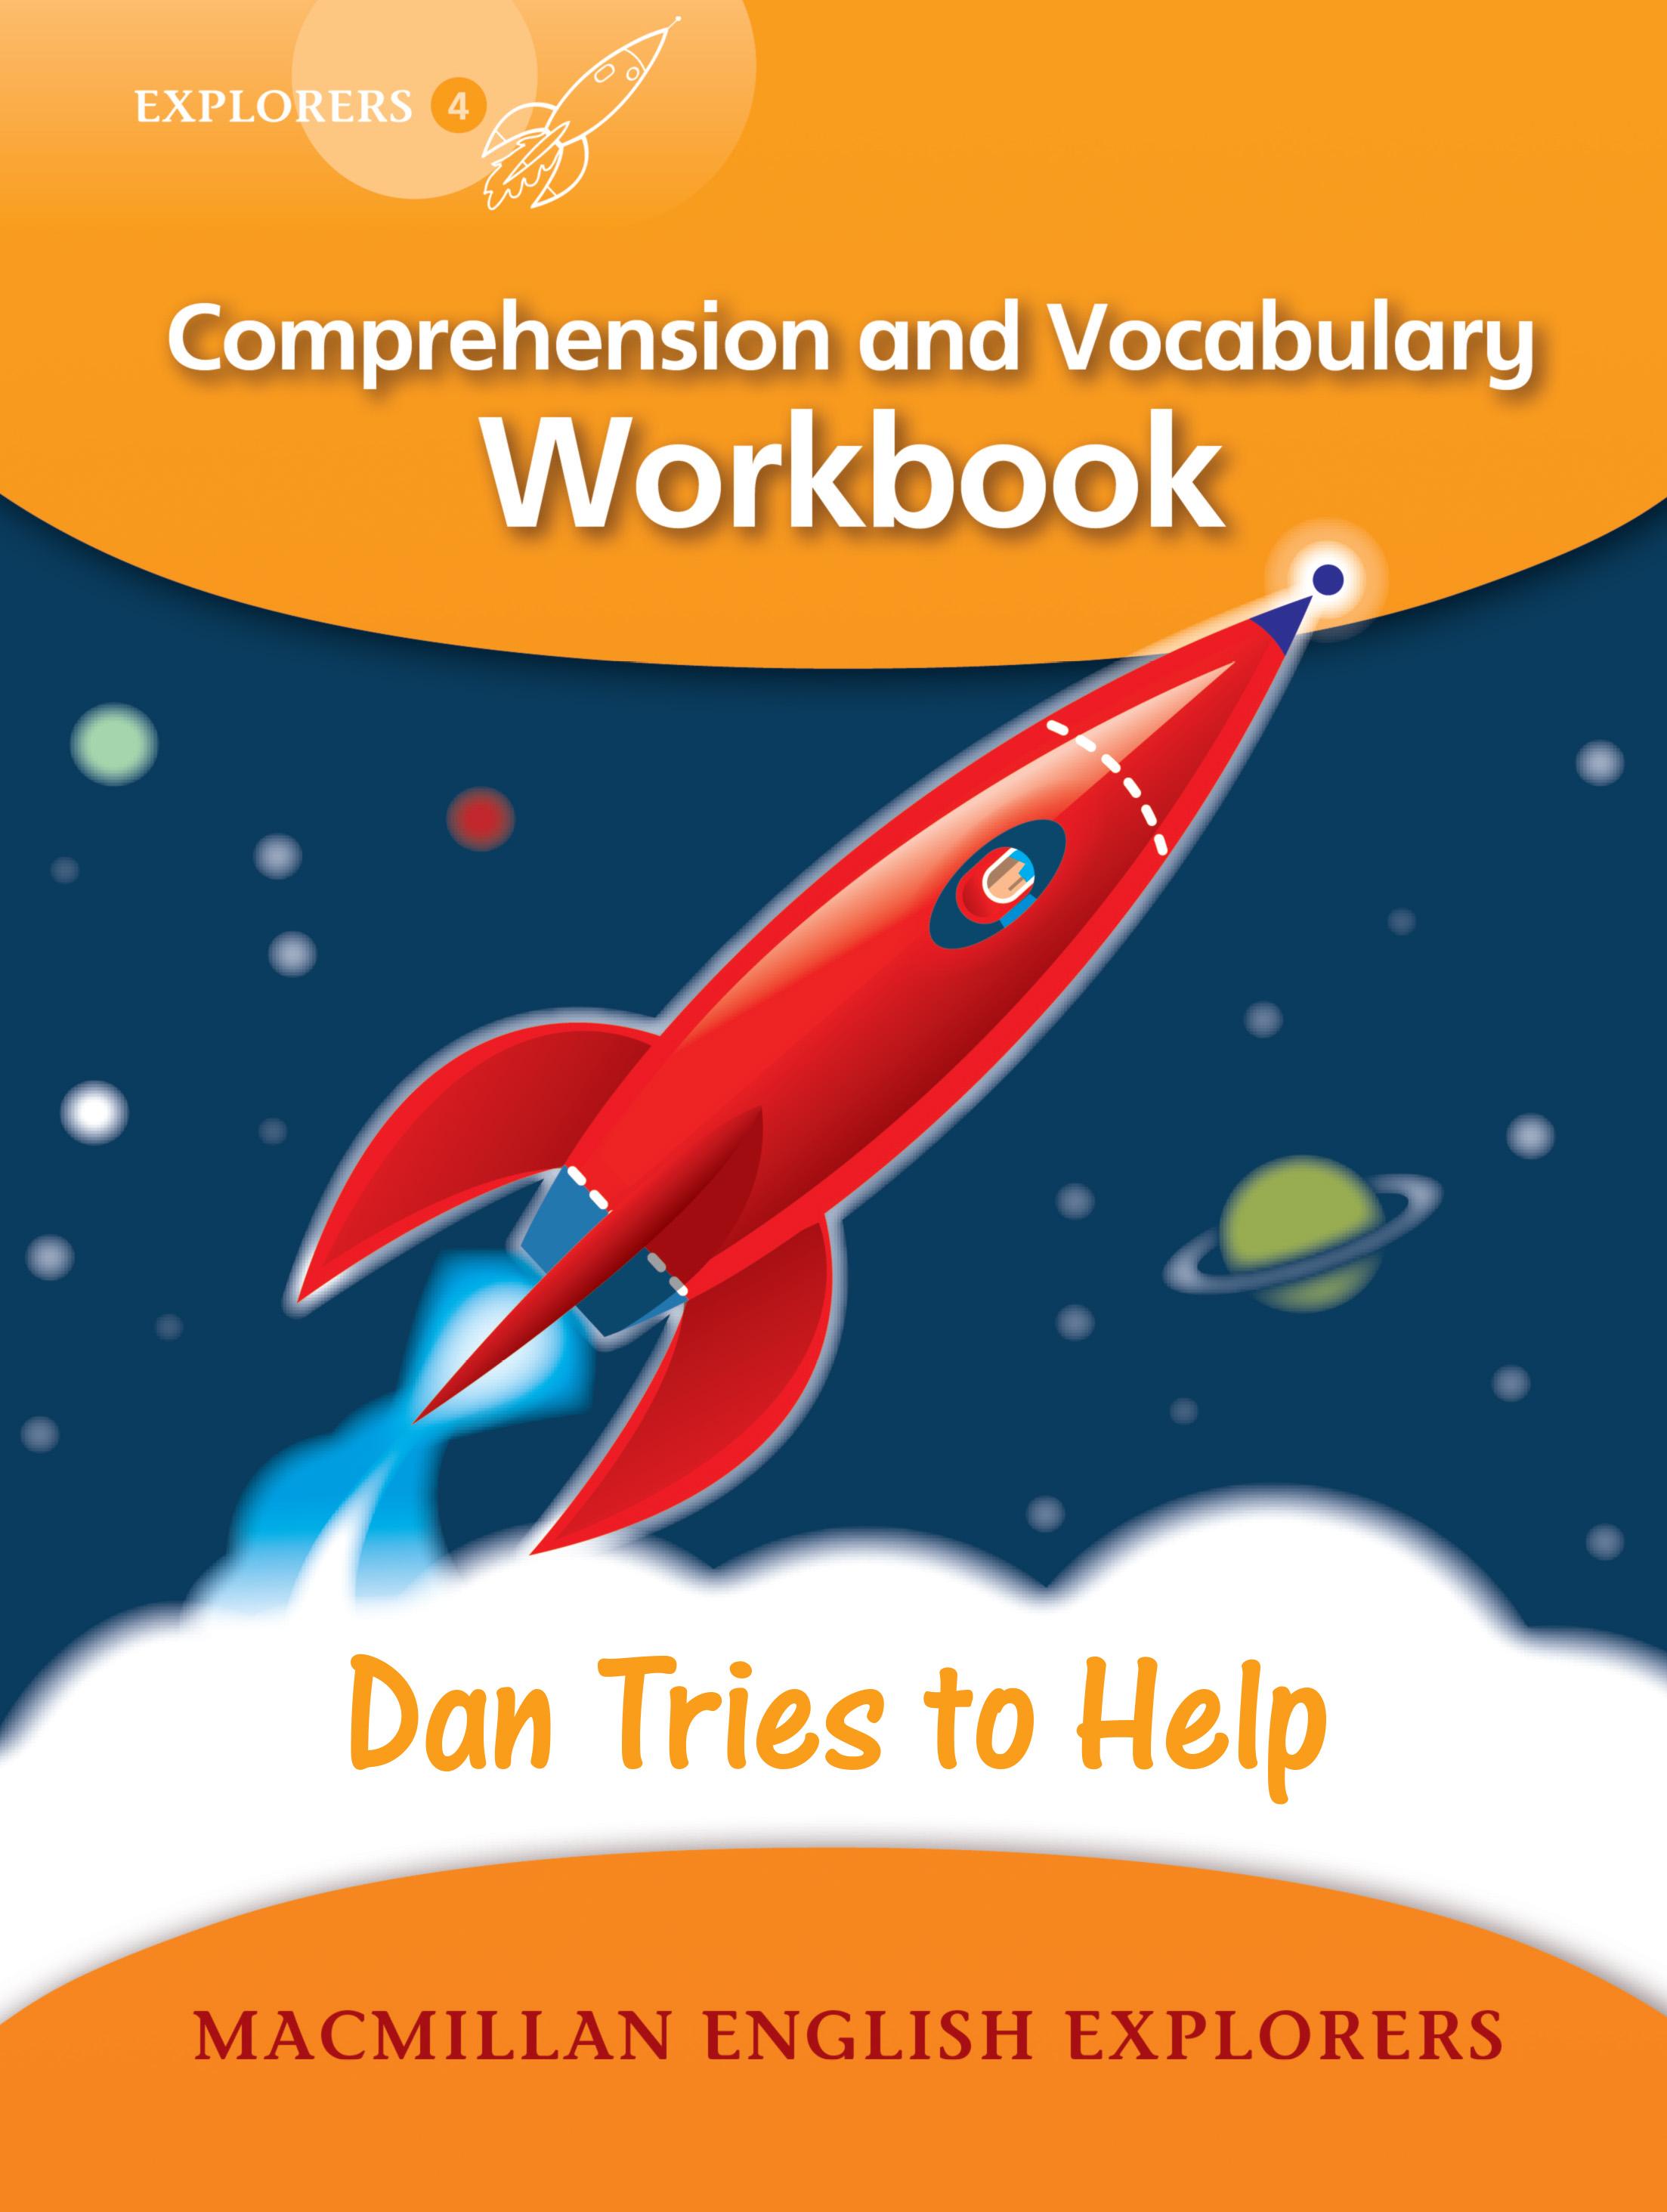 Explorers 4: Dan Tries to Help Workbook